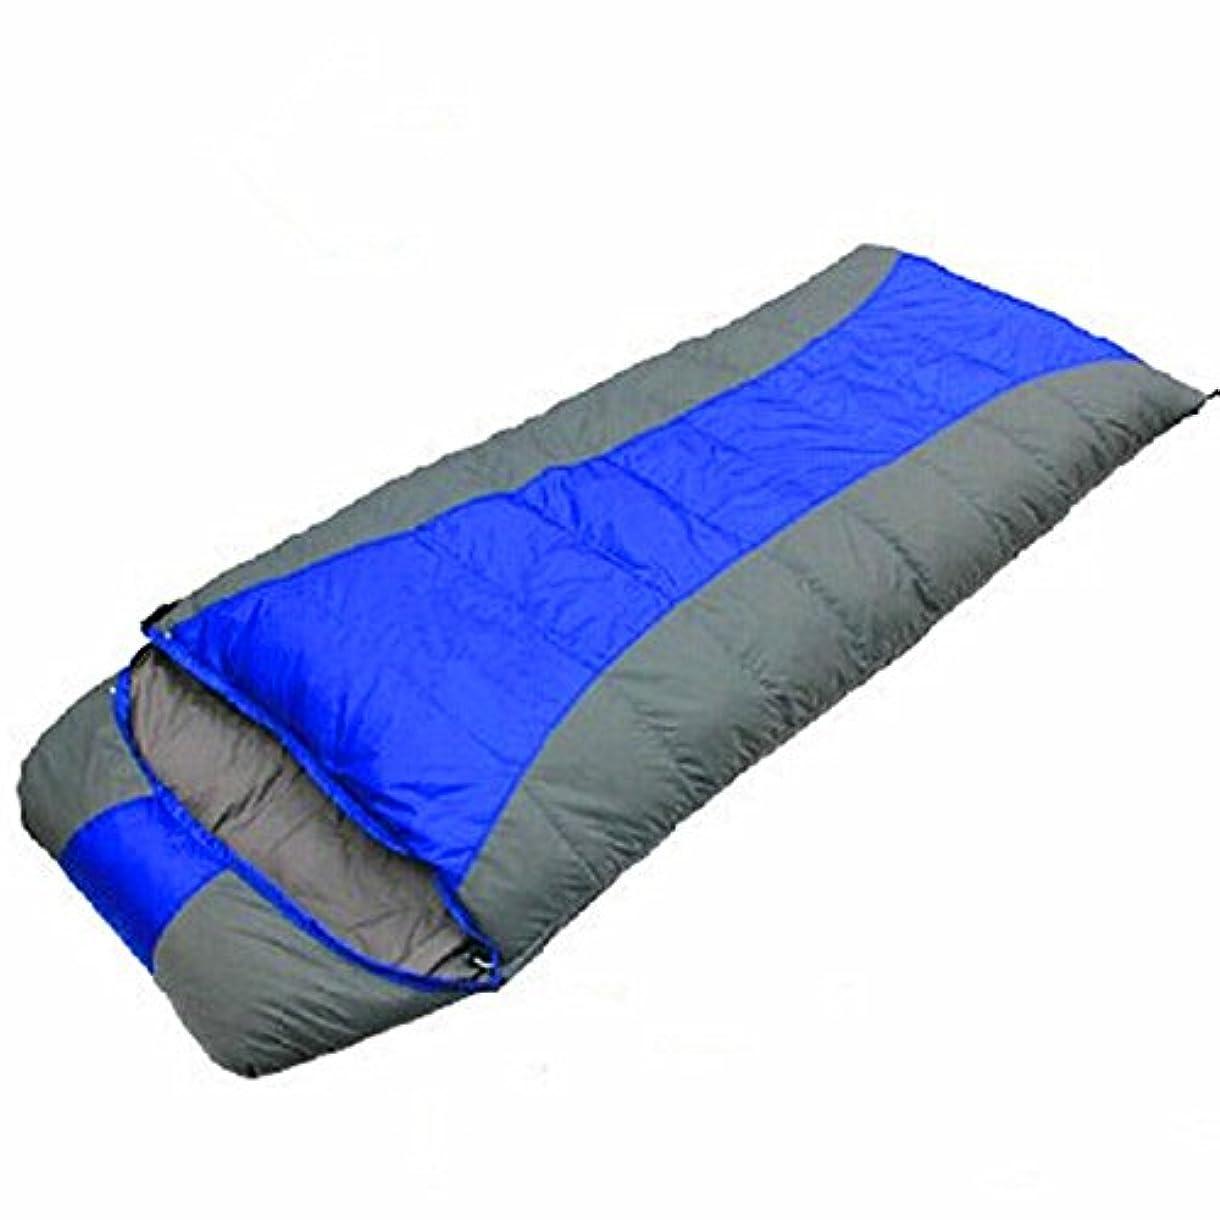 かすれたコンサルタント画面Waterly ポータブル二重寝袋、暖かい寝袋、通気性、快適、防湿、防水、品質保証 顧客に愛されて